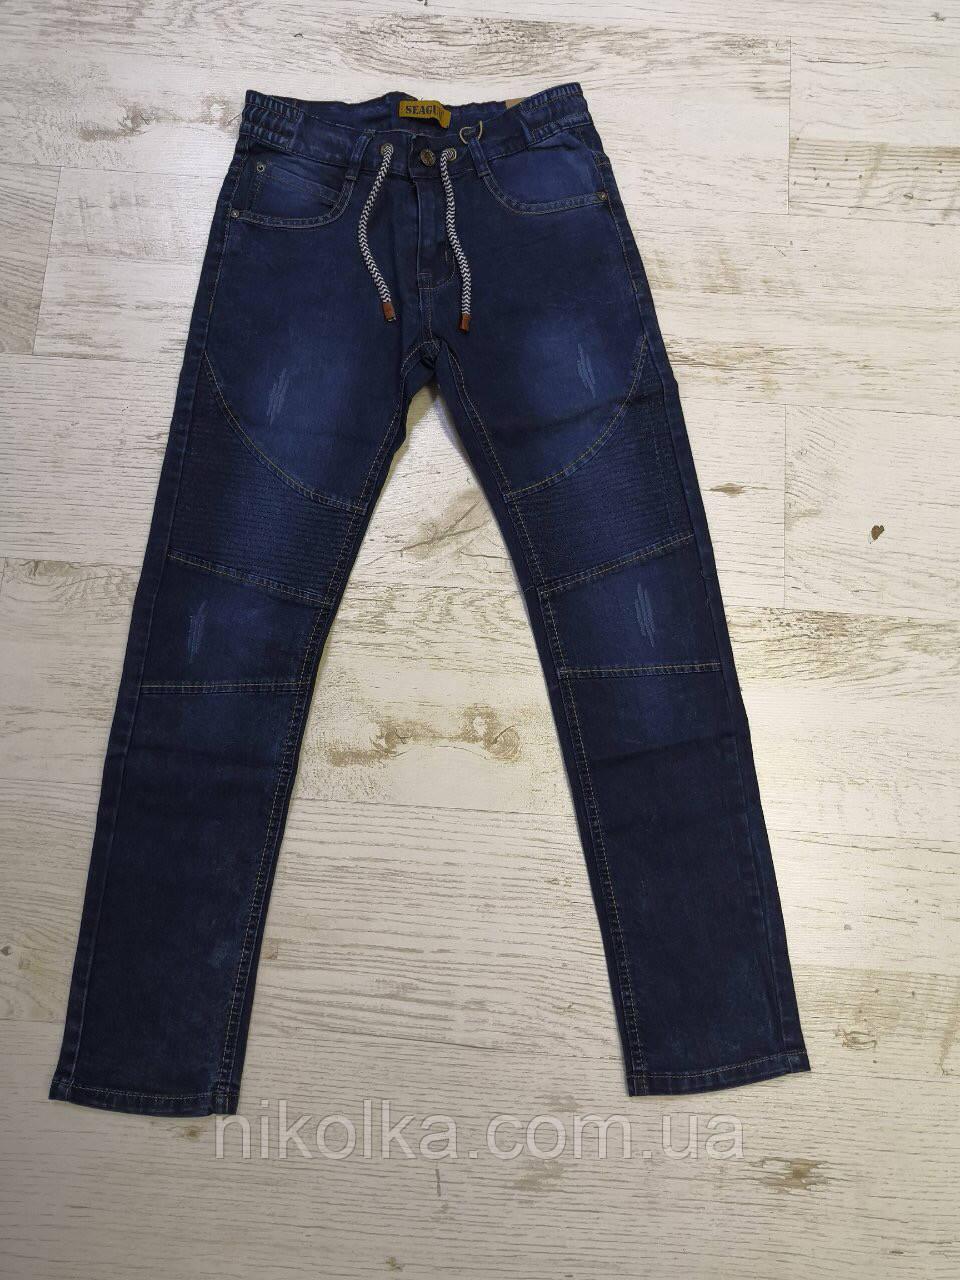 Джинсовые брюки для мальчиков оптом, Seagull, 134-164 рр., арт. CSQ-56797